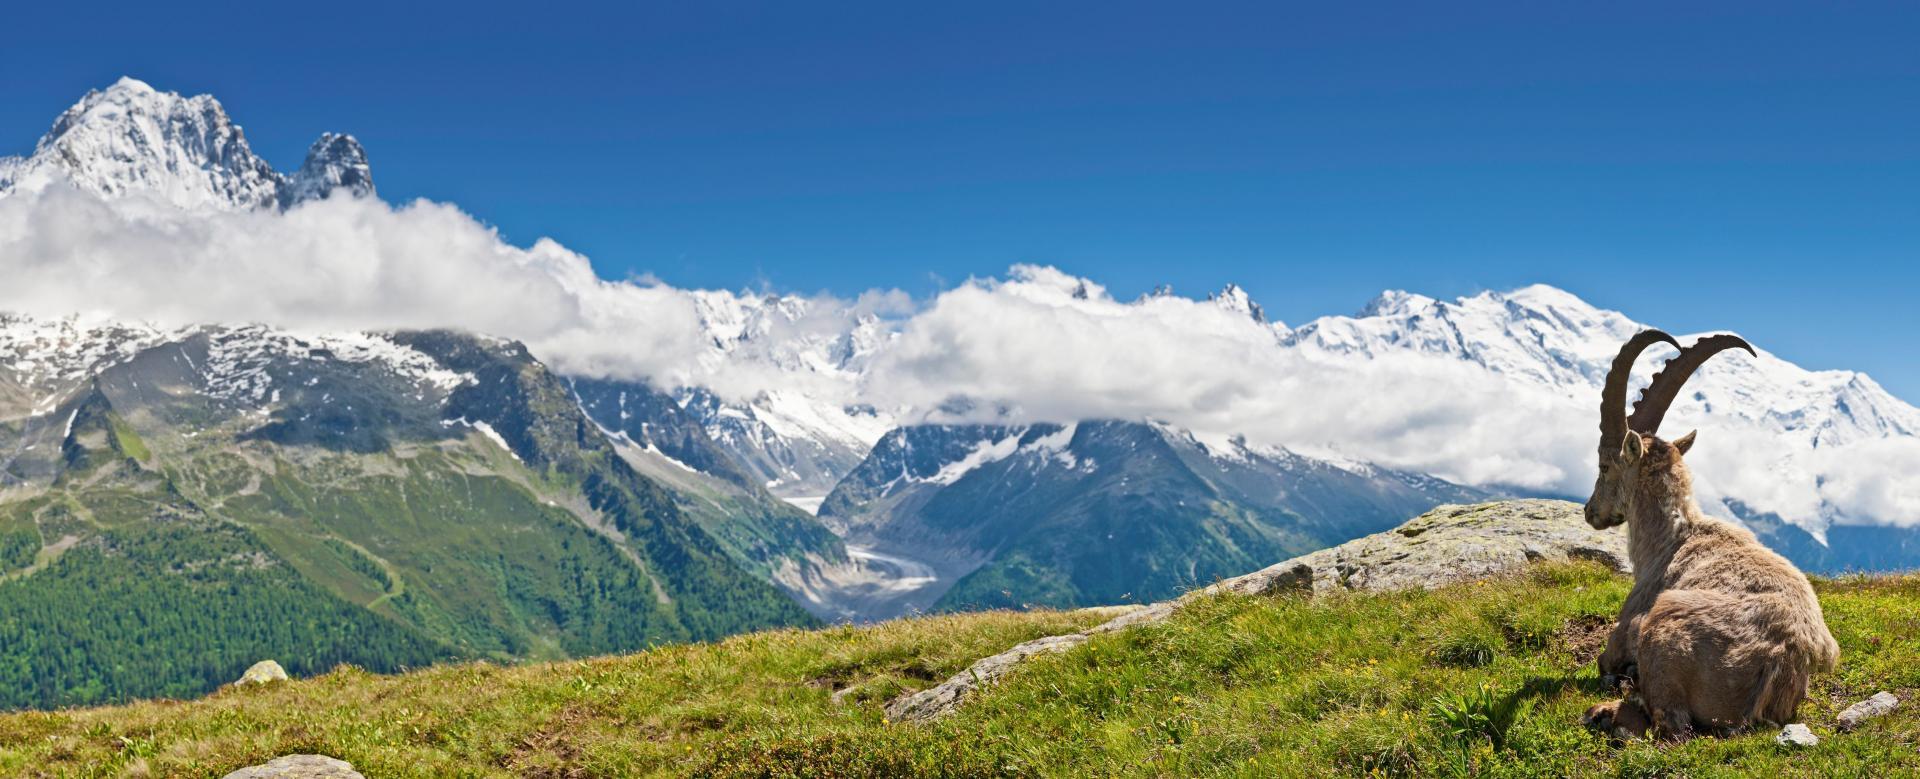 Voyage à pied : Le tour du mont-blanc en 6 jours